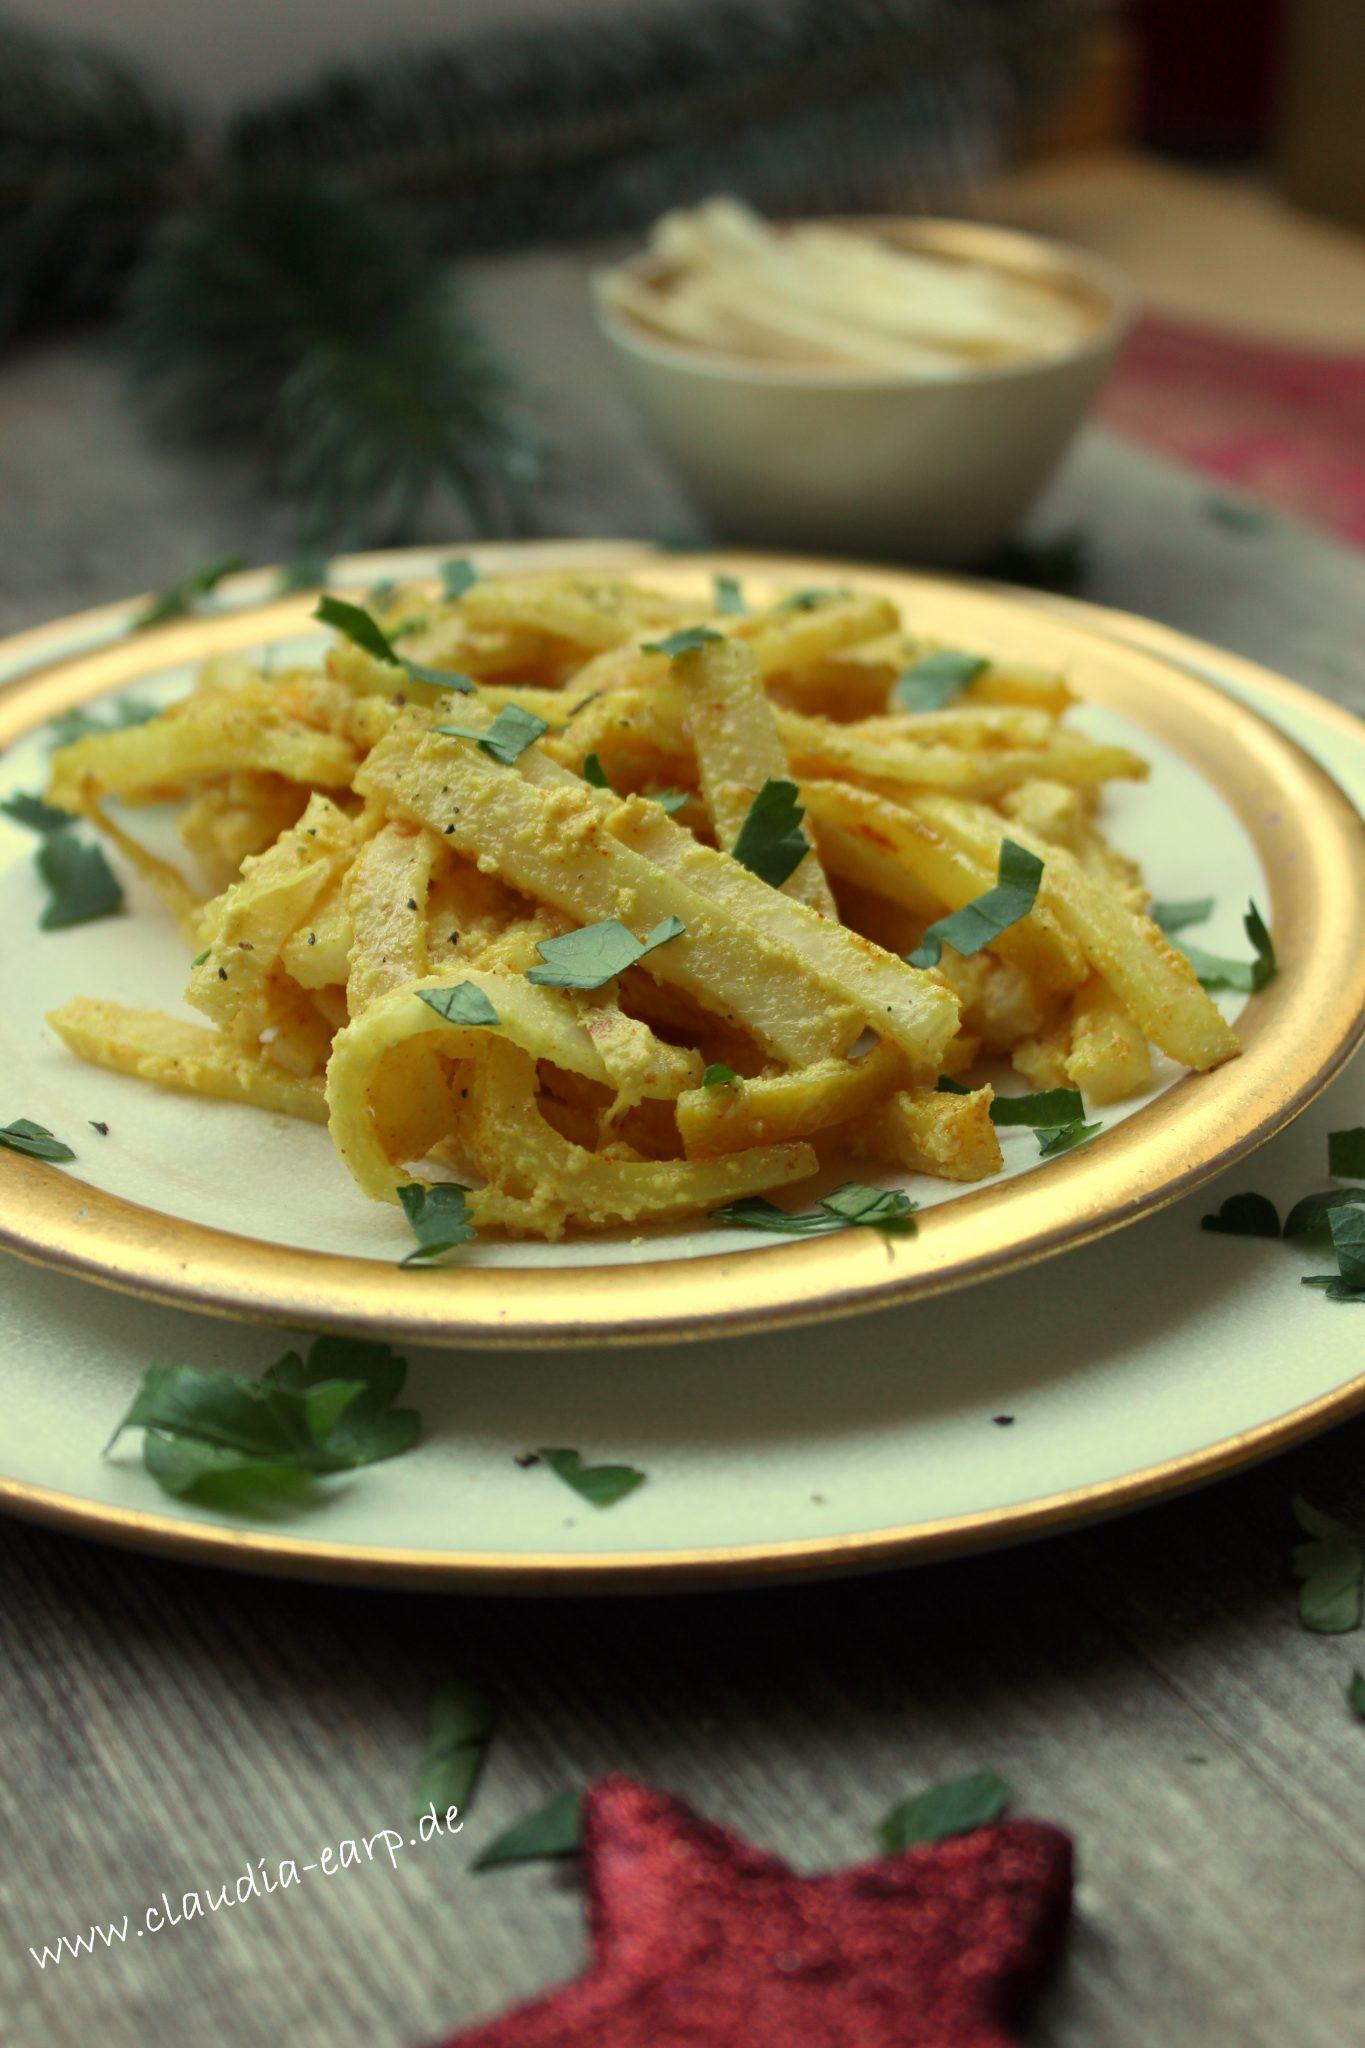 Selleriegemüse mit Zitrone - eine leckere Beilage zum Weihnachtsessen